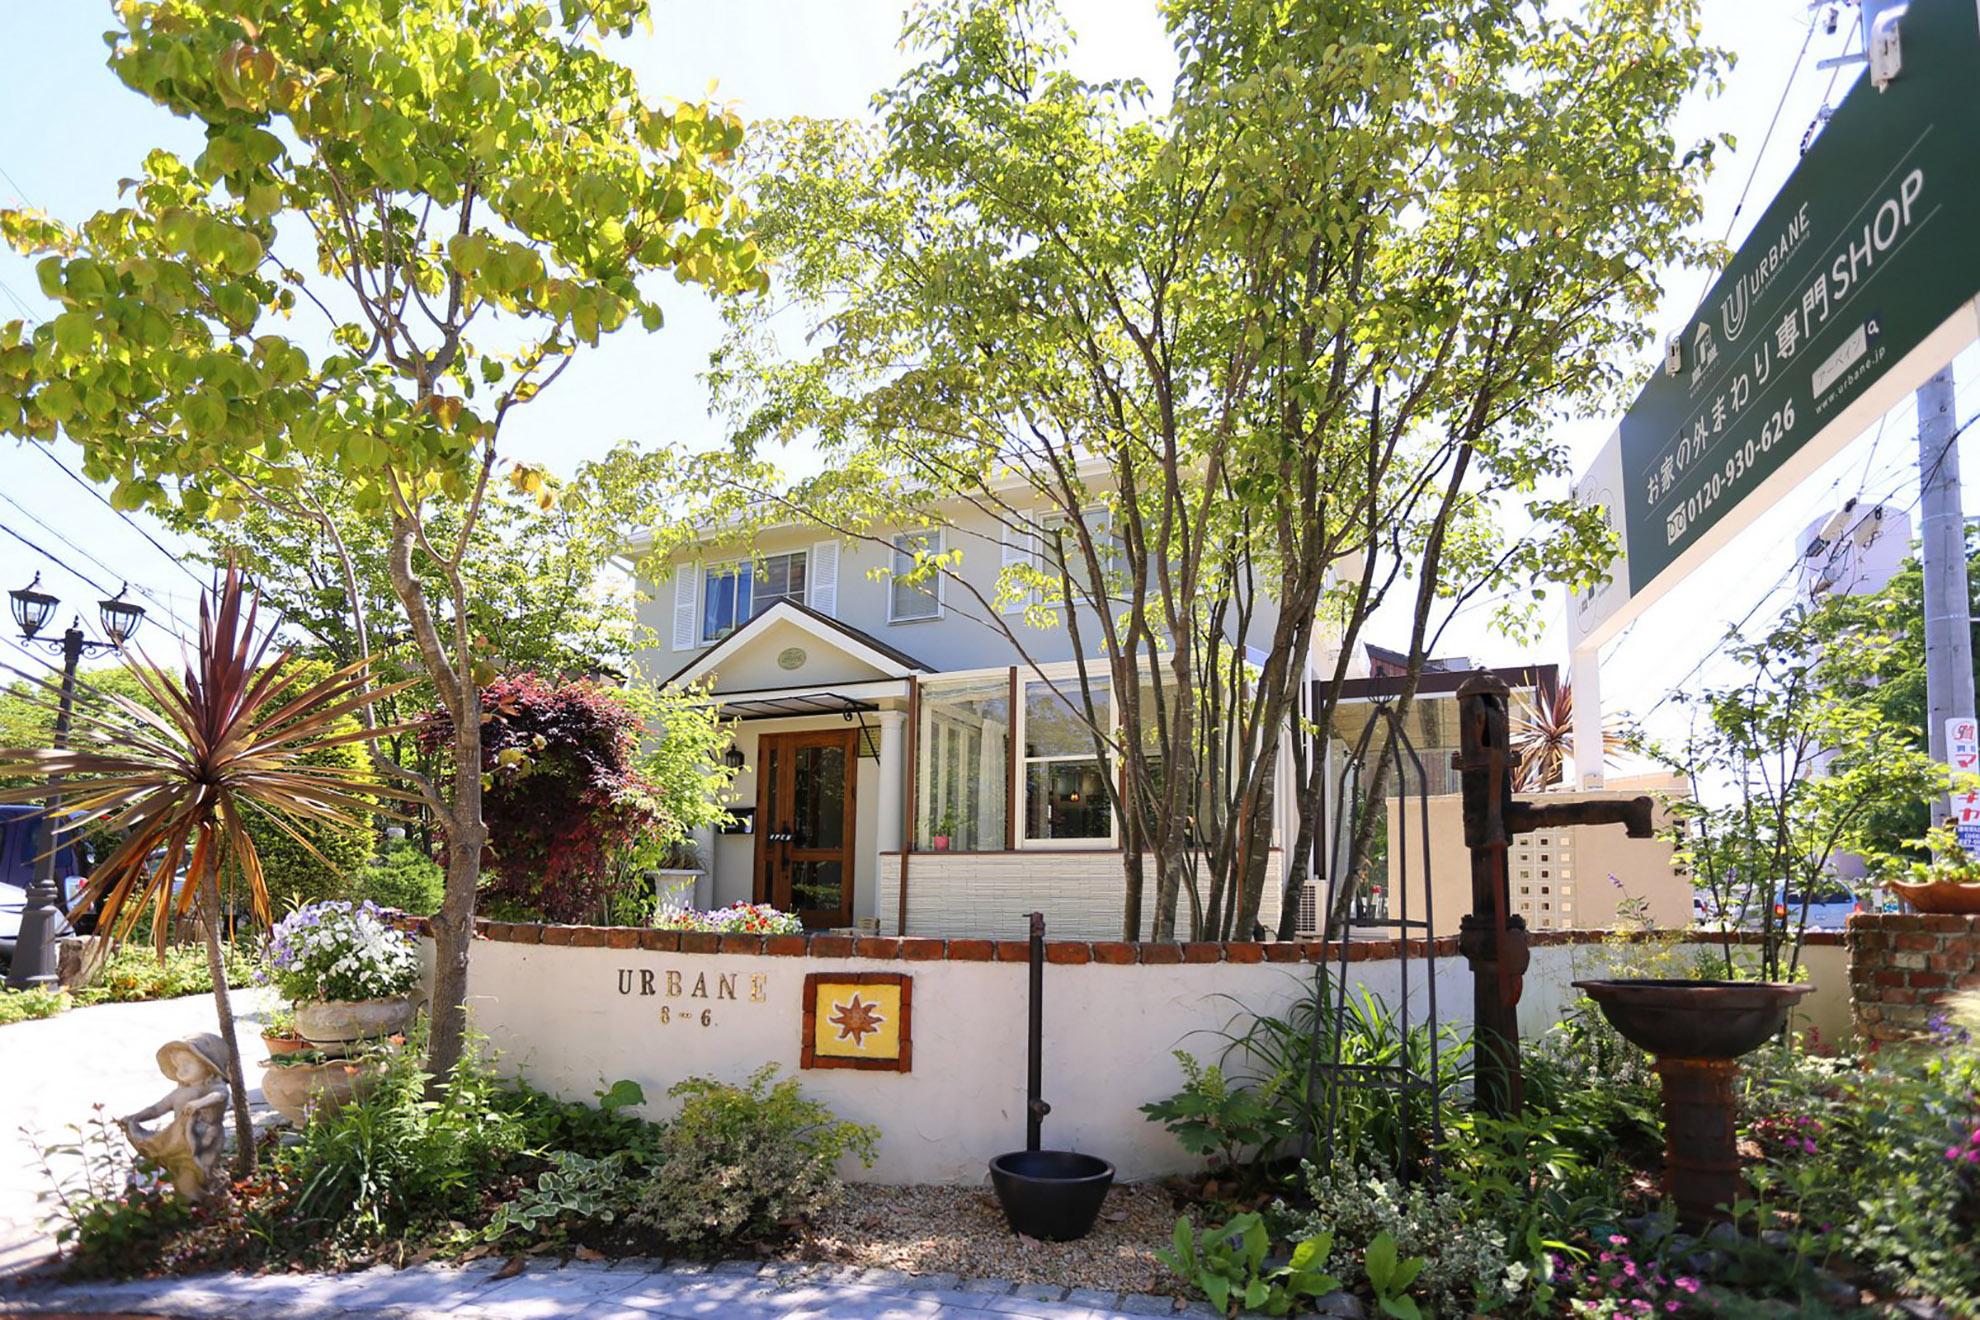 UEBANE(アーベイン)外構|庭造り|三重県津市|ショールーム001